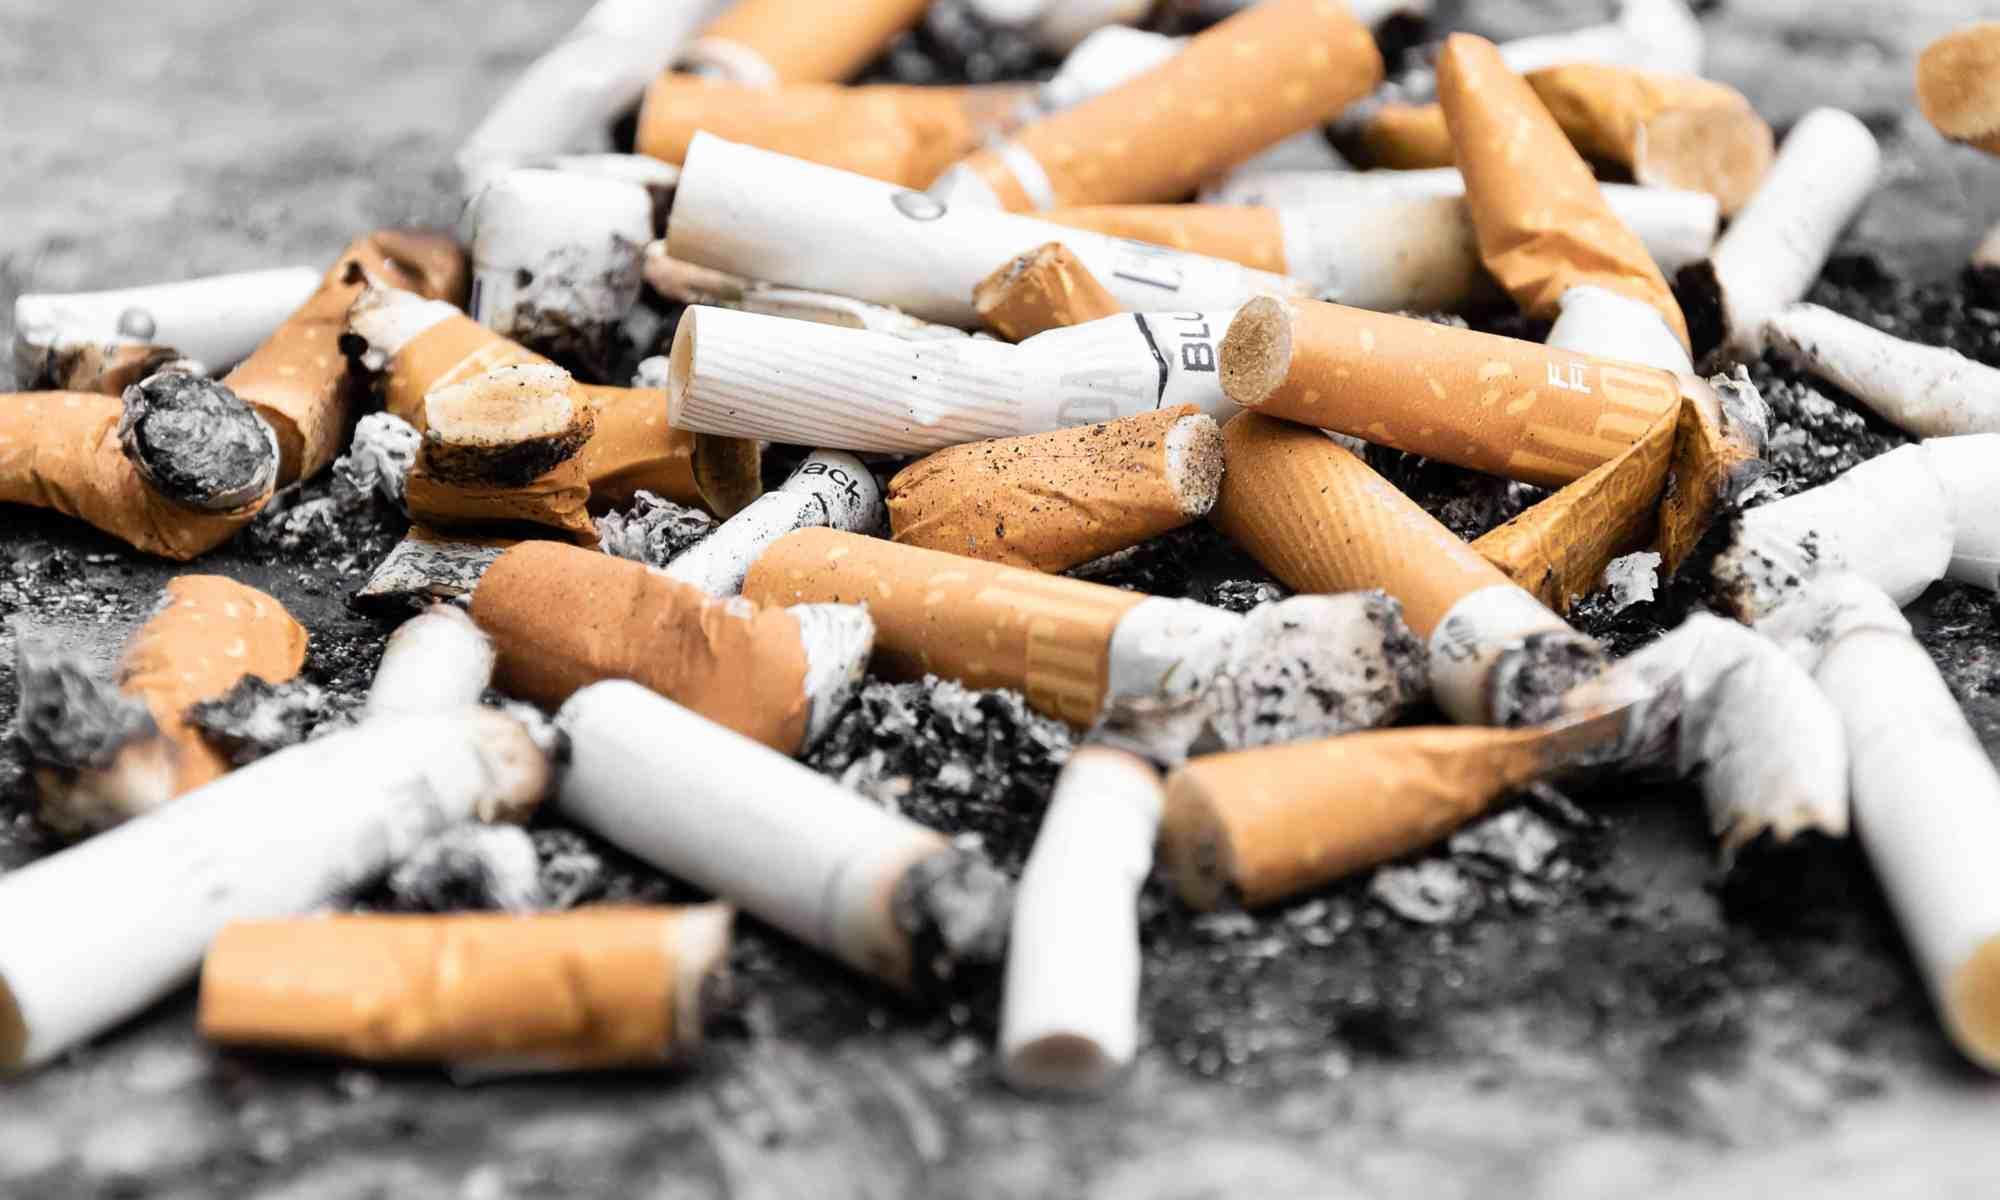 ▷ Las adicciones como un problema de salud pública 1